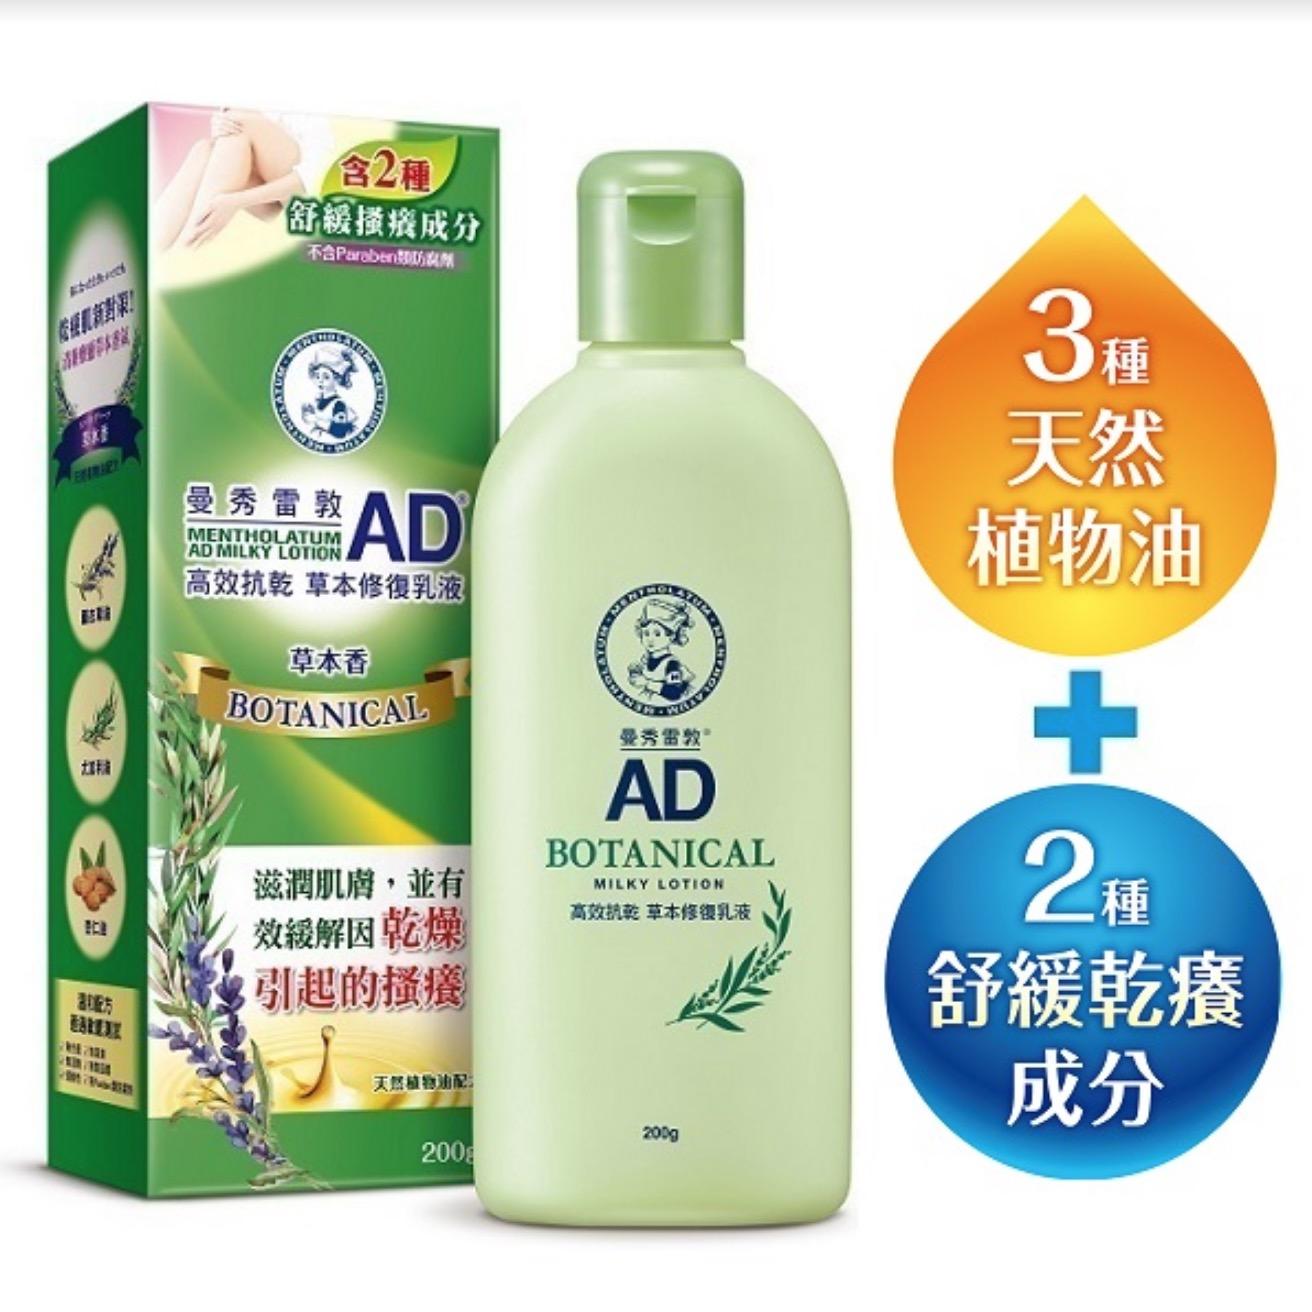 曼秀雷敦 AD高效抗乾 草本修復乳液 專為乾癢肌量身打造的日常保濕護理,質地濃潤而不黏膩。